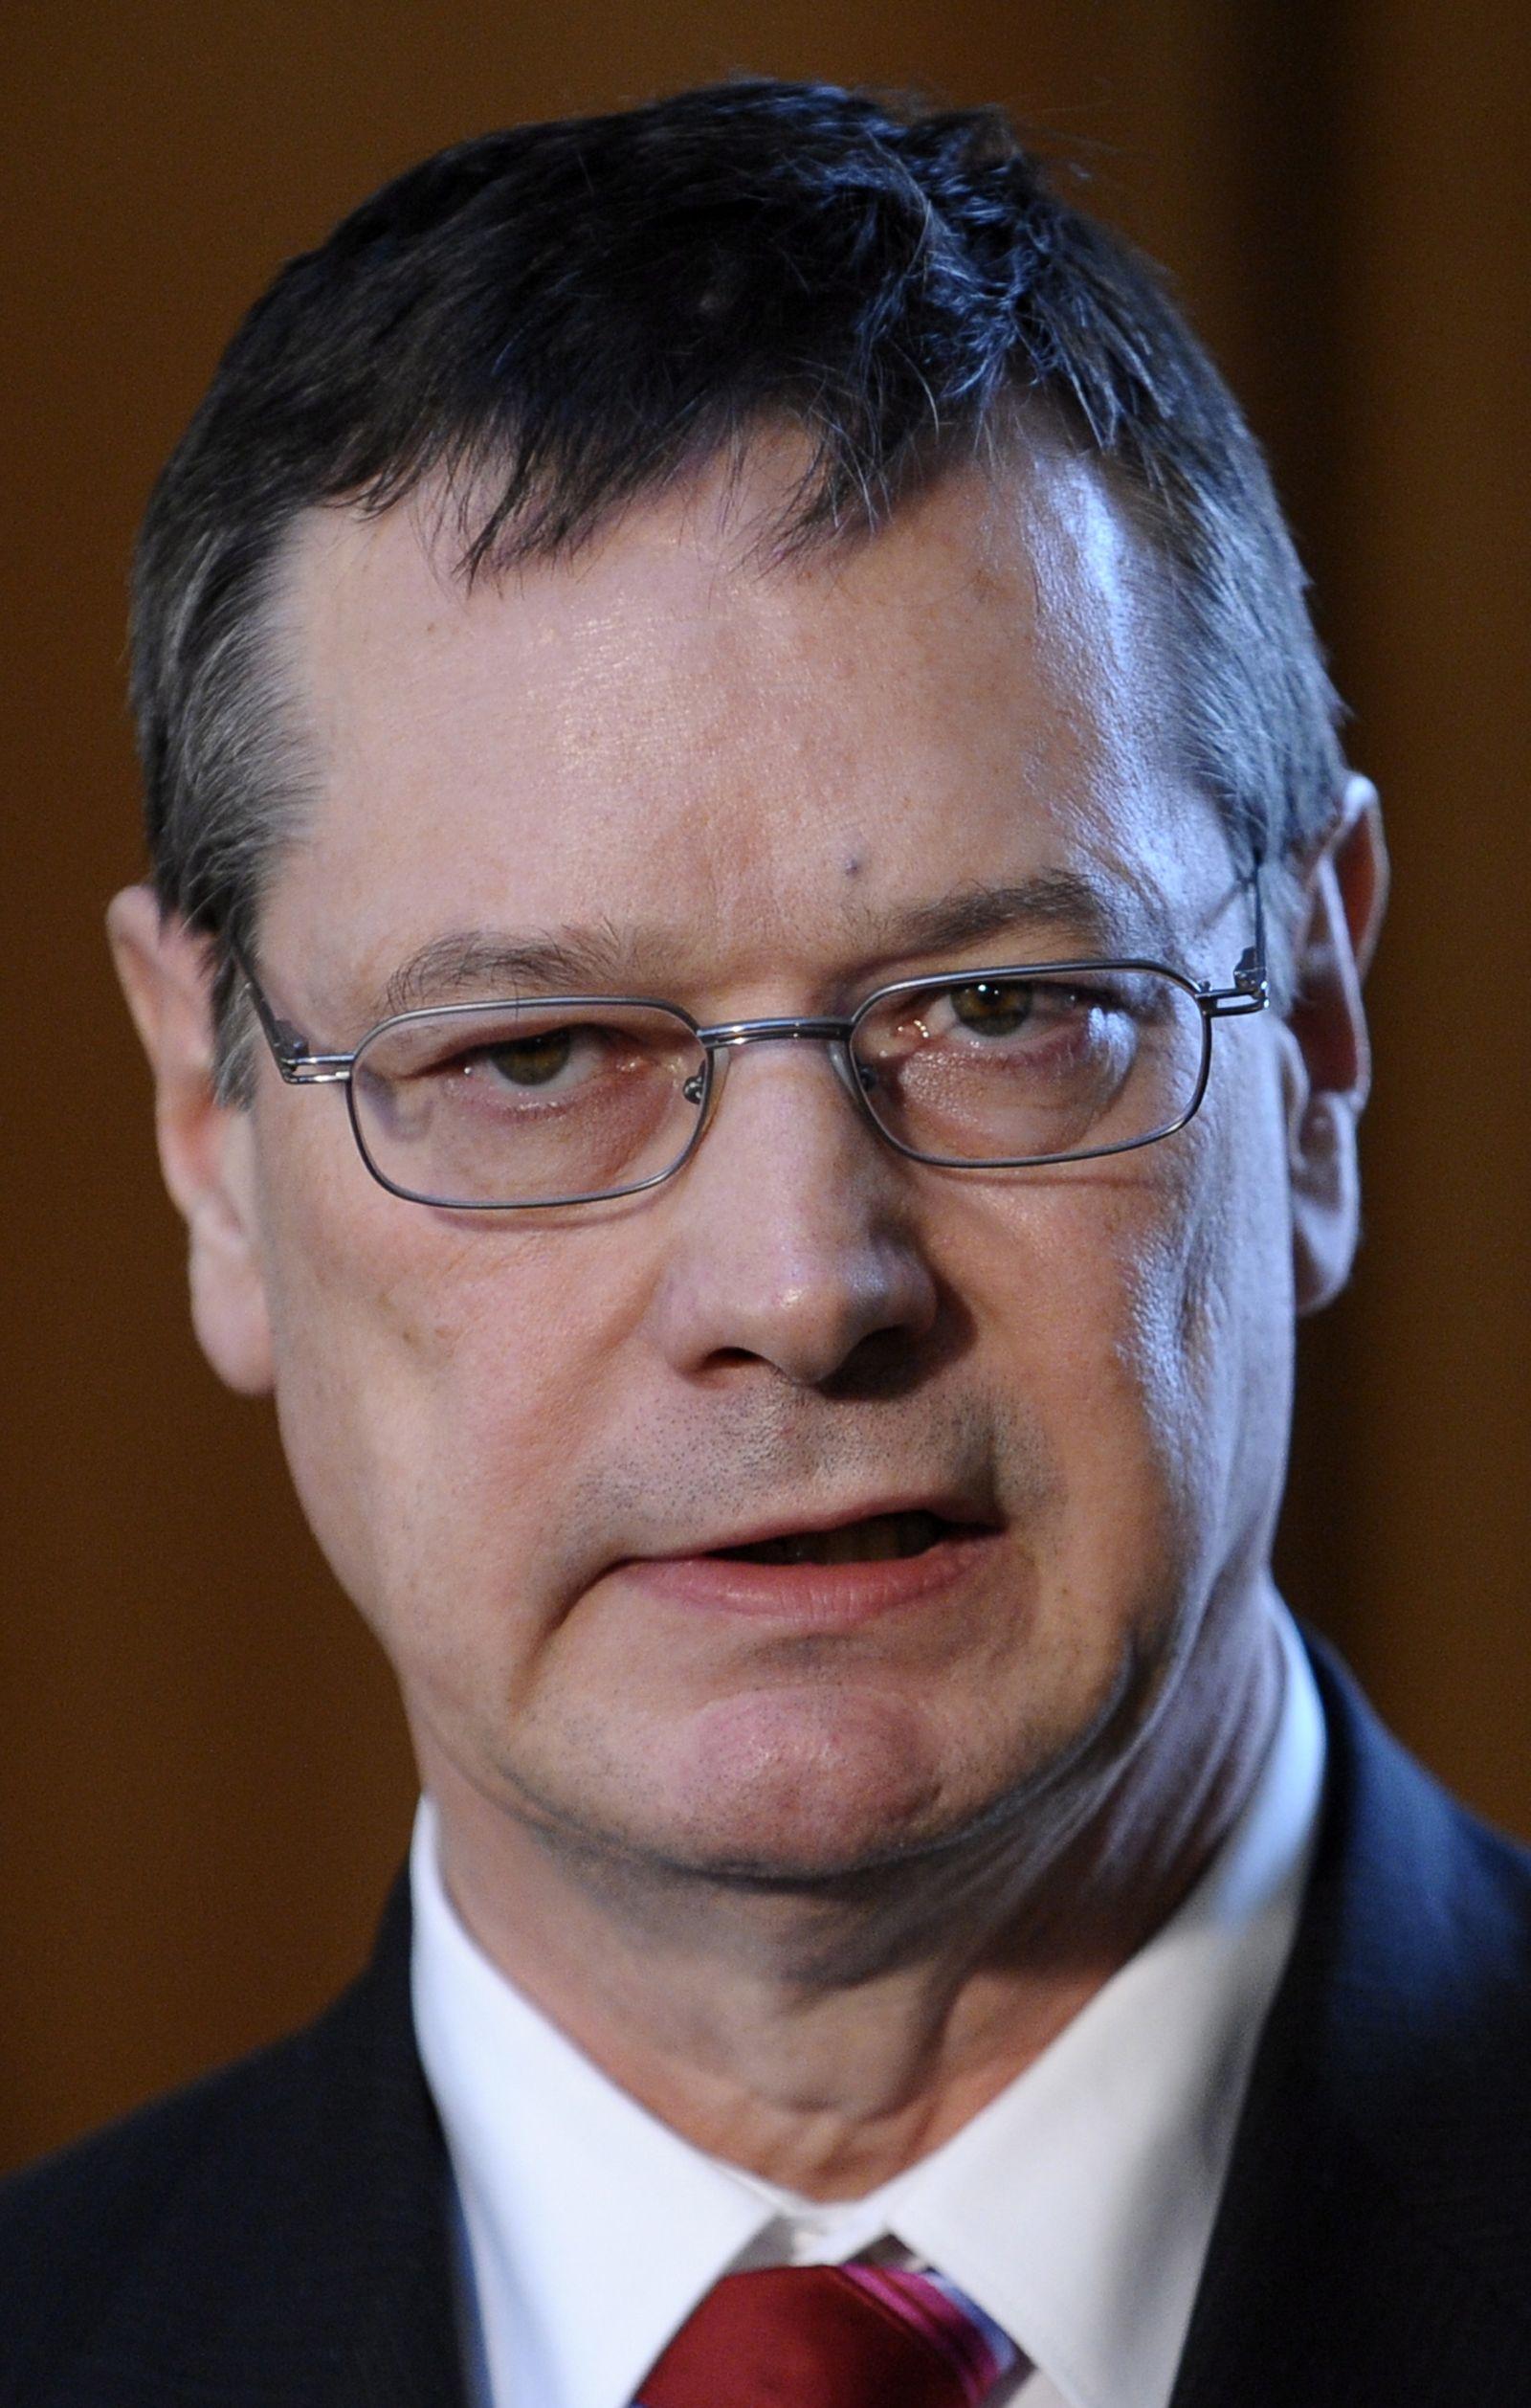 NICHT VERWENDEN FDP Königshaus Wehrbeauftragter